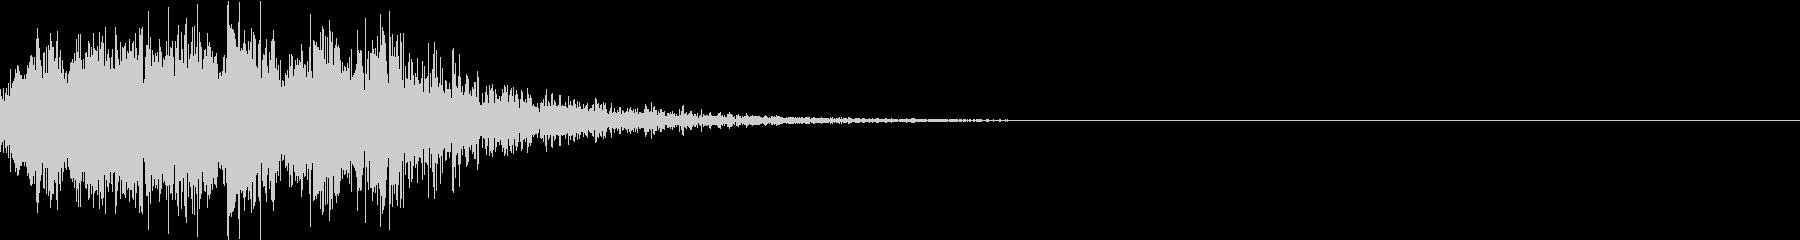 アップ ビュン 下がる 変身 変化の未再生の波形